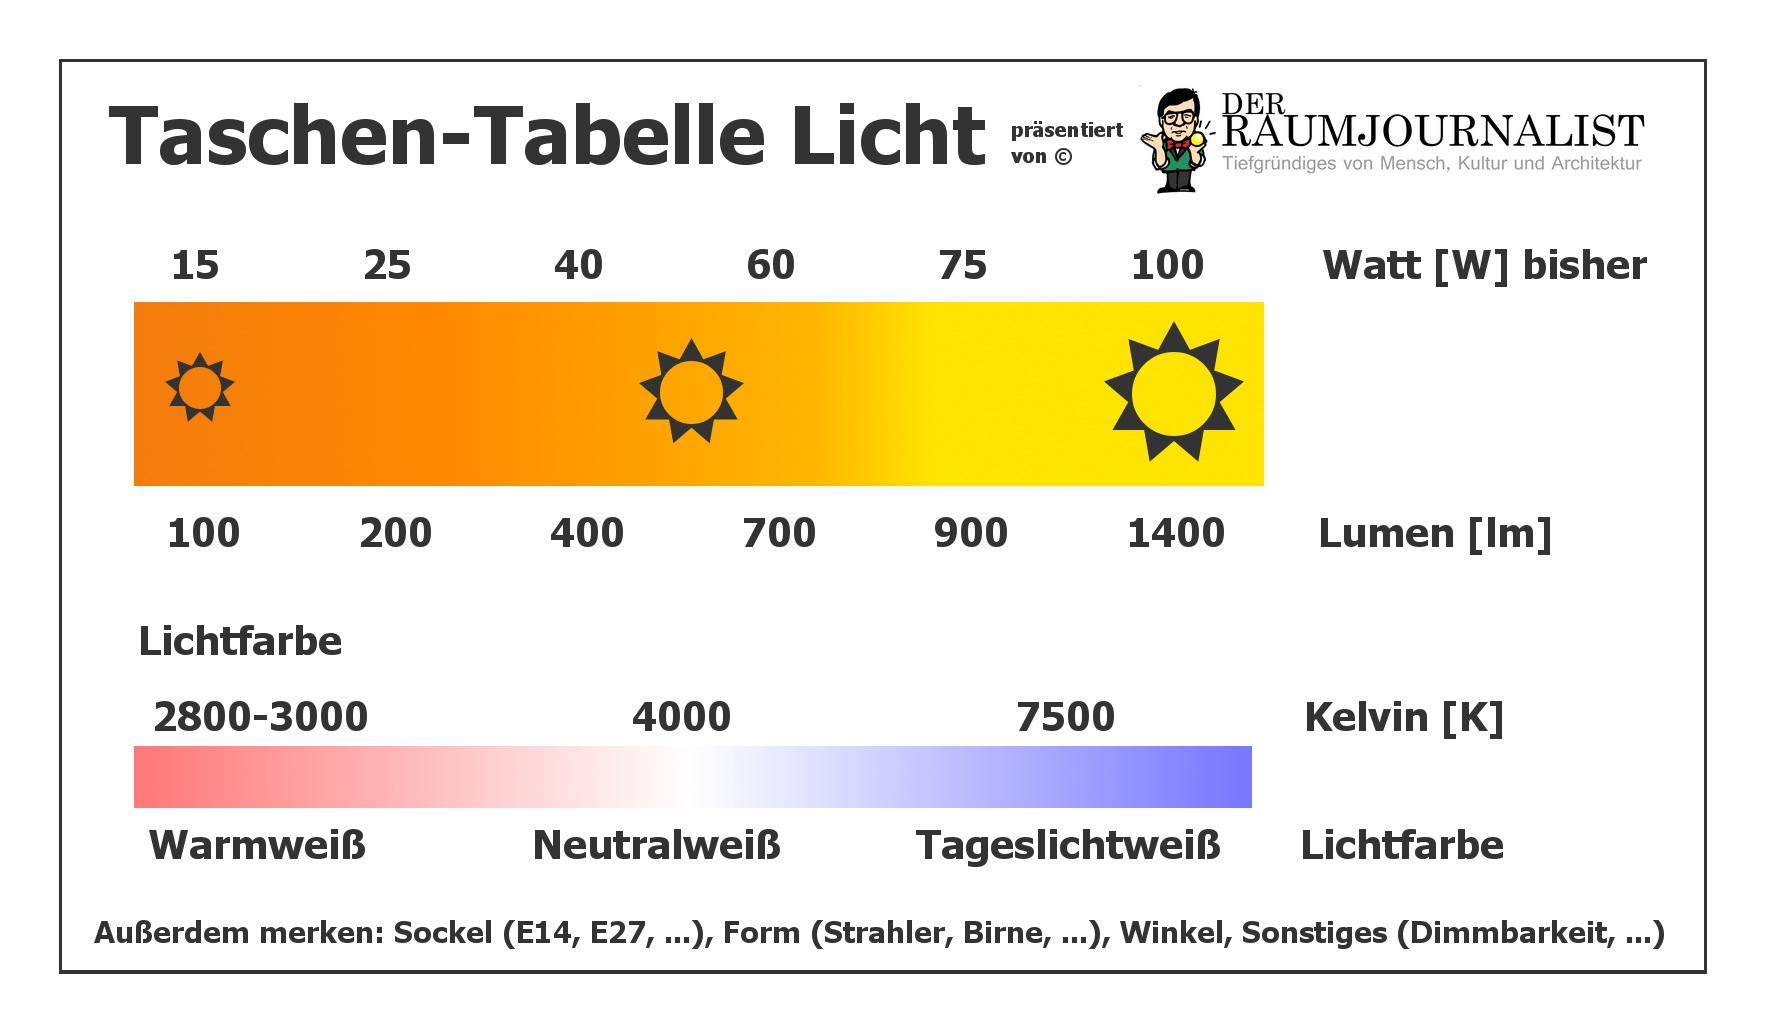 Farbtemperatur Tabelle der raumjournalist der virtuelle journalist für architekten